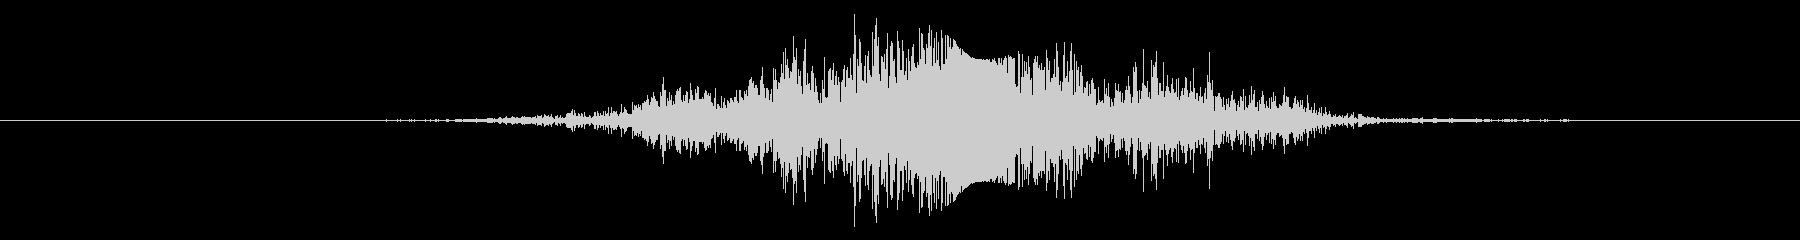 弓矢でシューッという音の未再生の波形